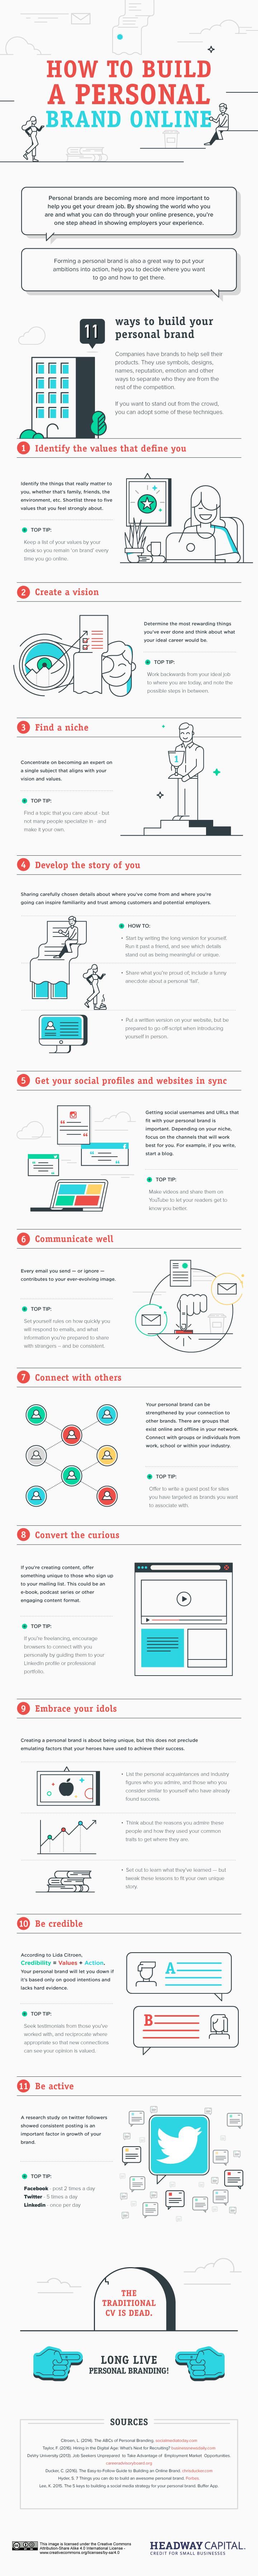 pasos básicos para crear marca personal